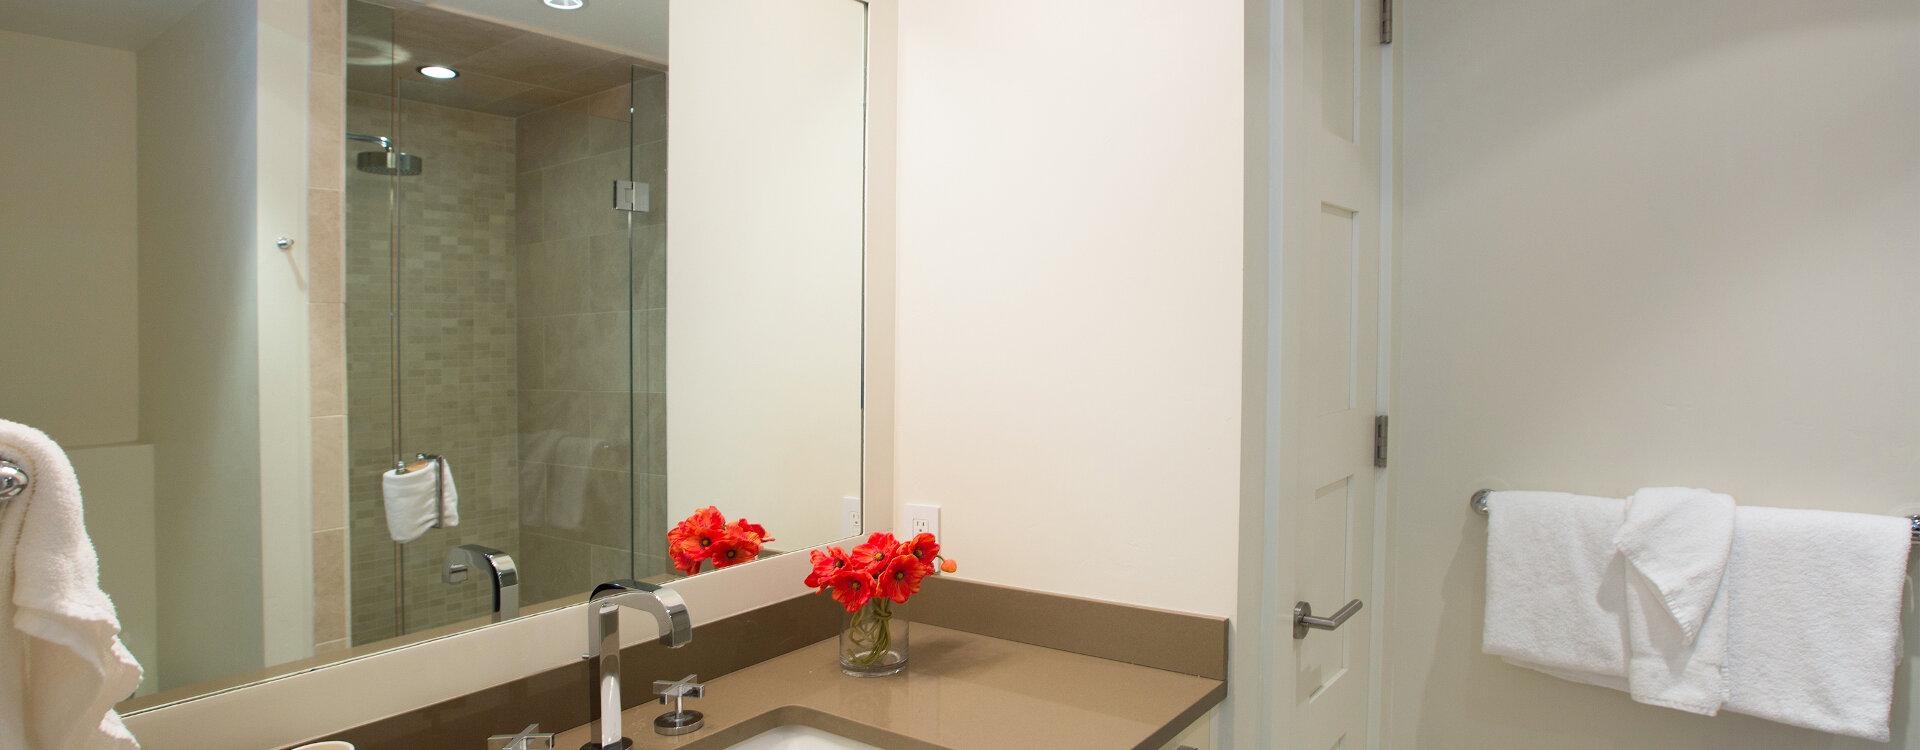 23-Telluride-Meribel-Penthouse-Queen-Guest-Bathroom-web